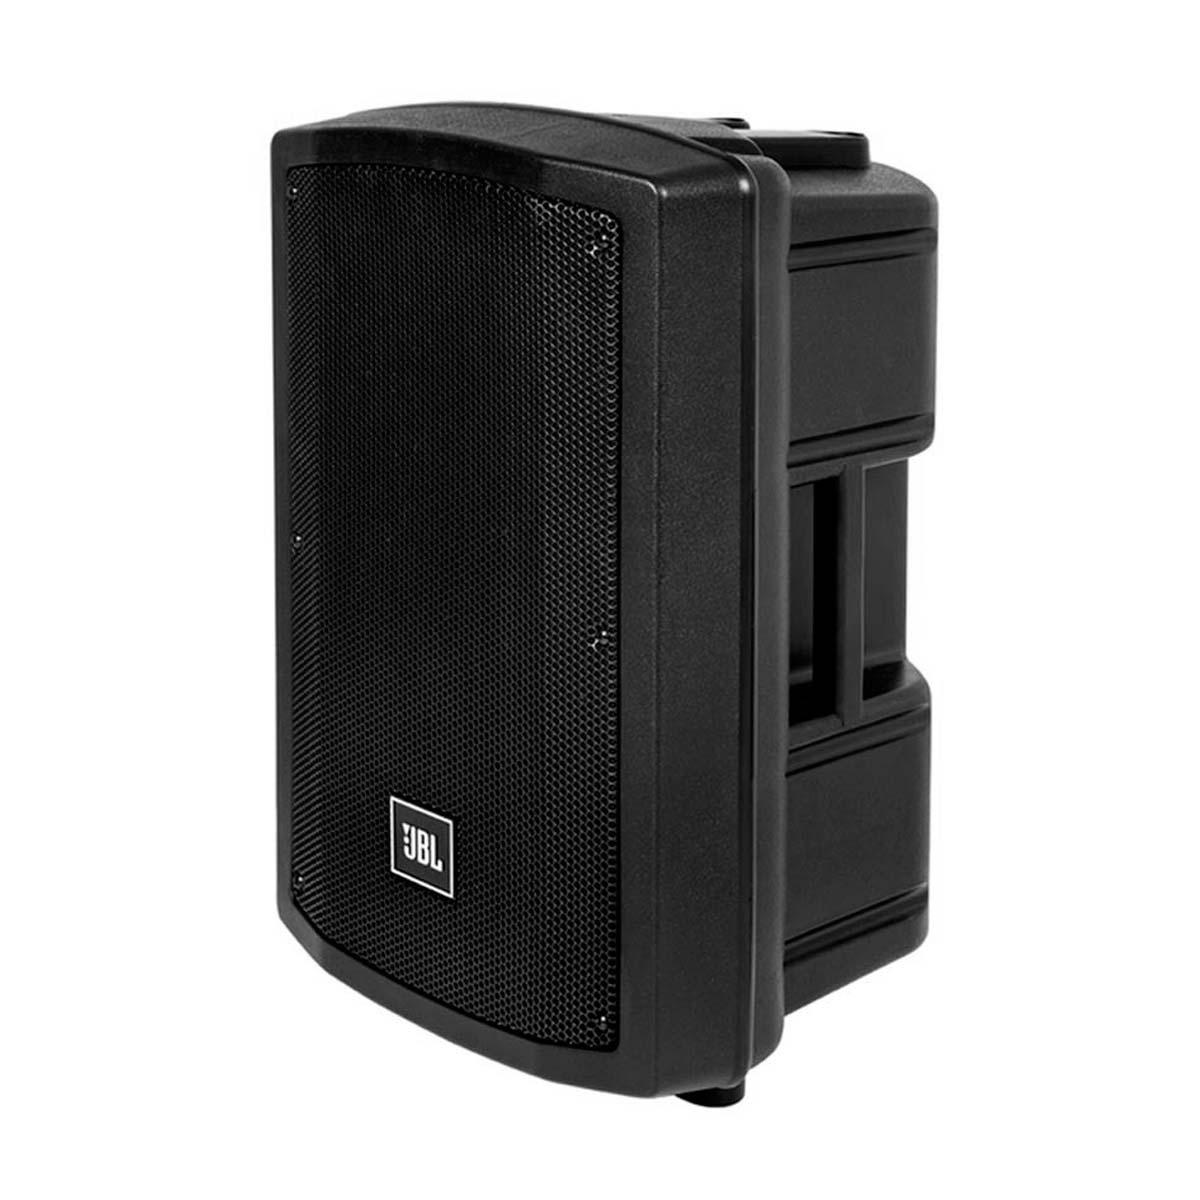 Caixa Ativa Fal 10 Pol 100W c/ USB / Bluetooth - JS 10 USB BT JBL